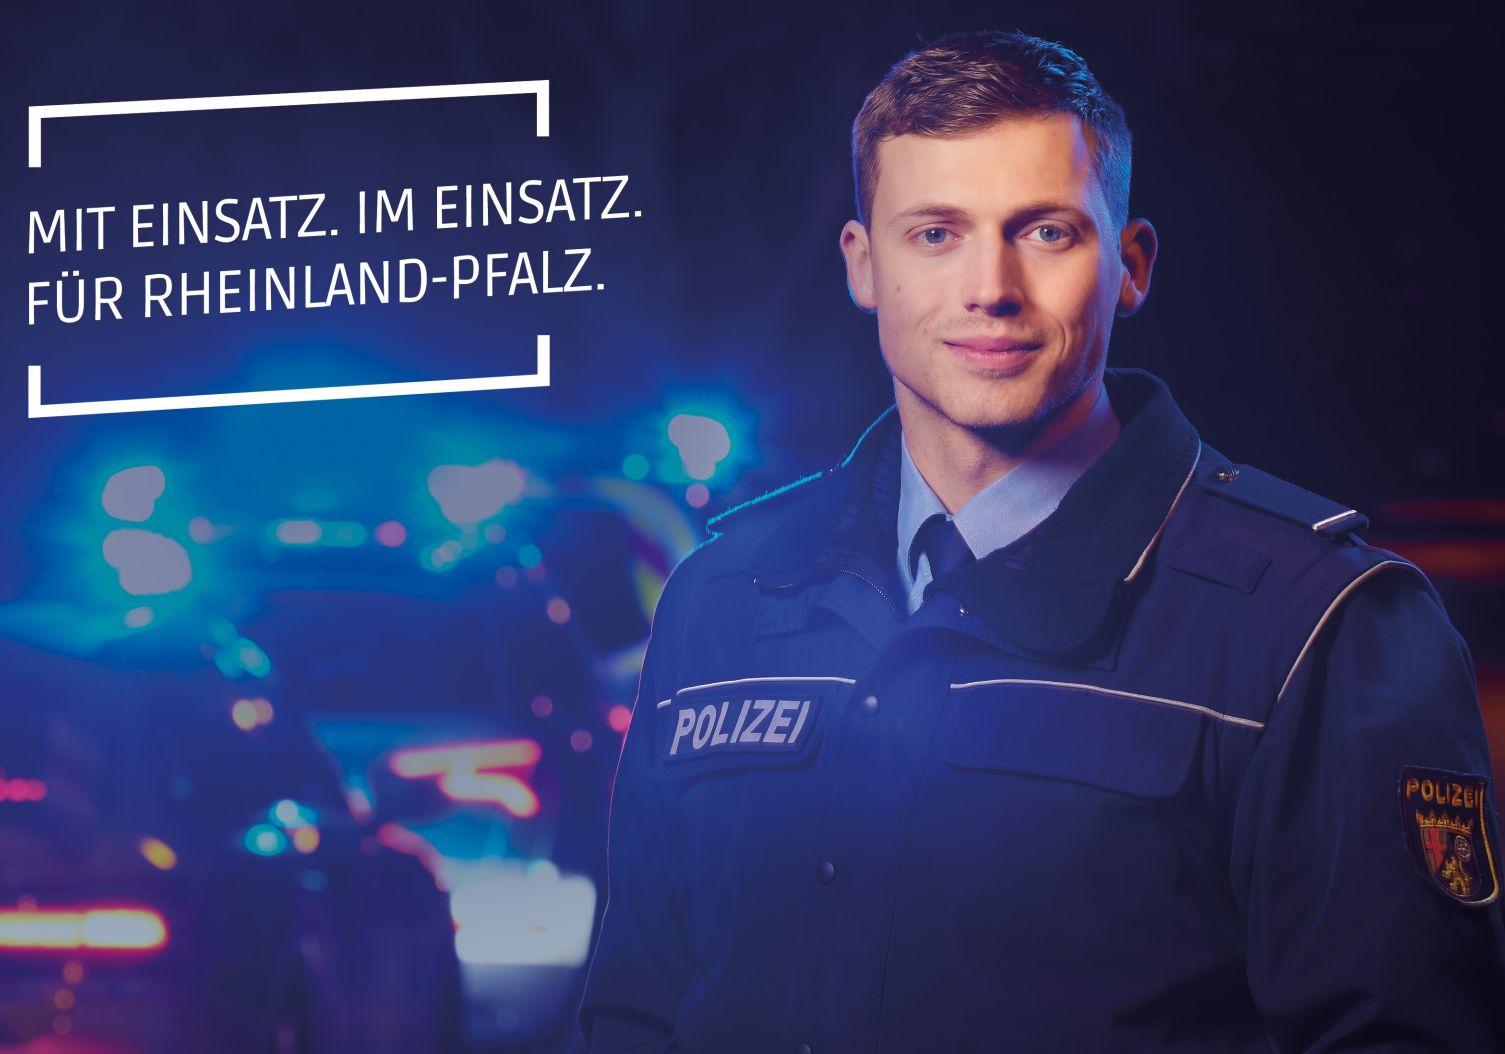 Polizei Rlp Online Bewerbung